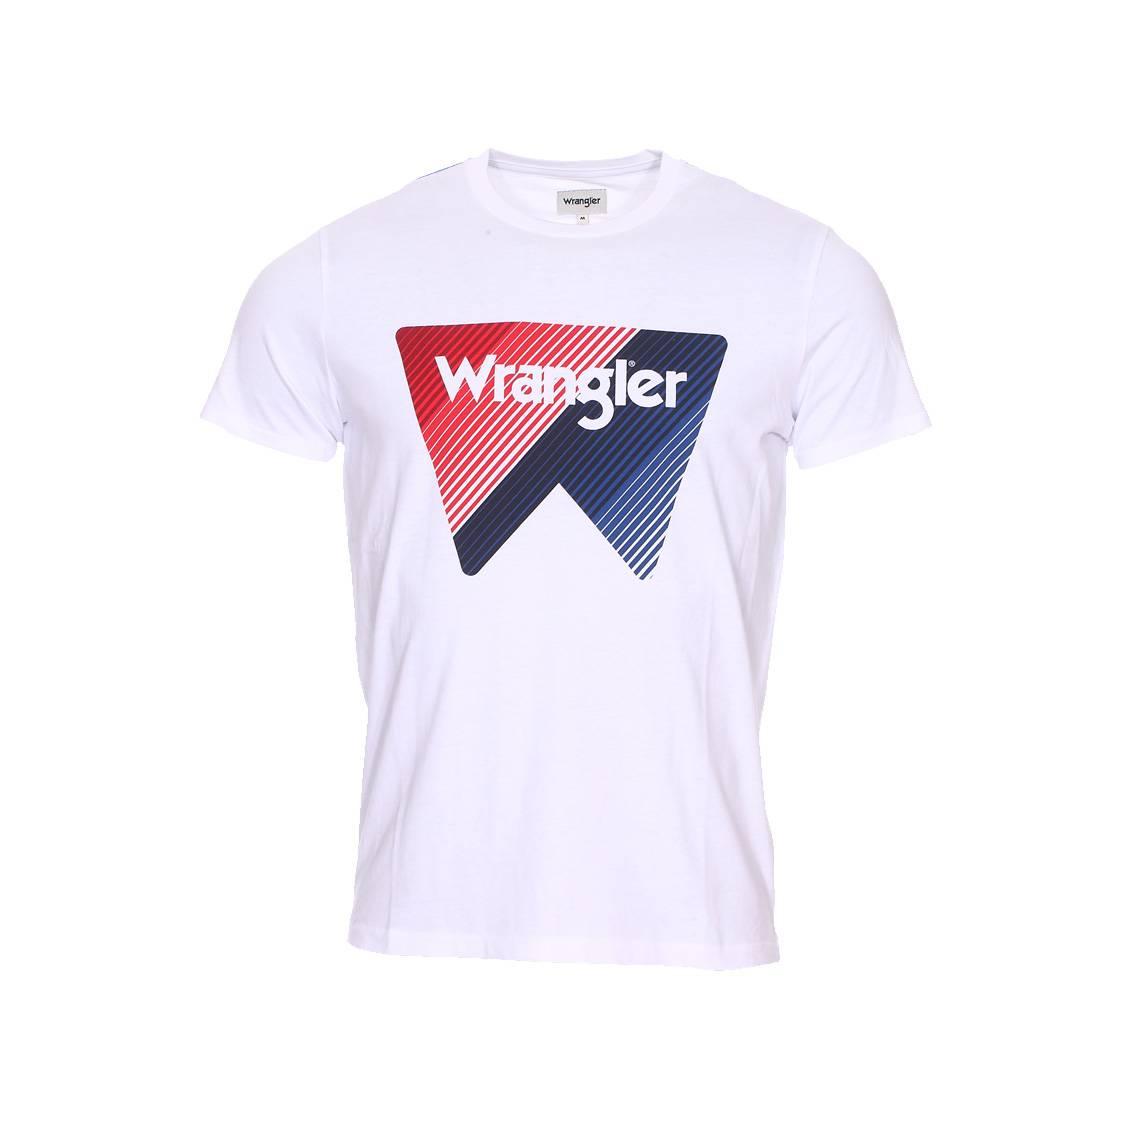 Tee-shirt col rond  box logo en coton blanc floqué en rouge et bleu